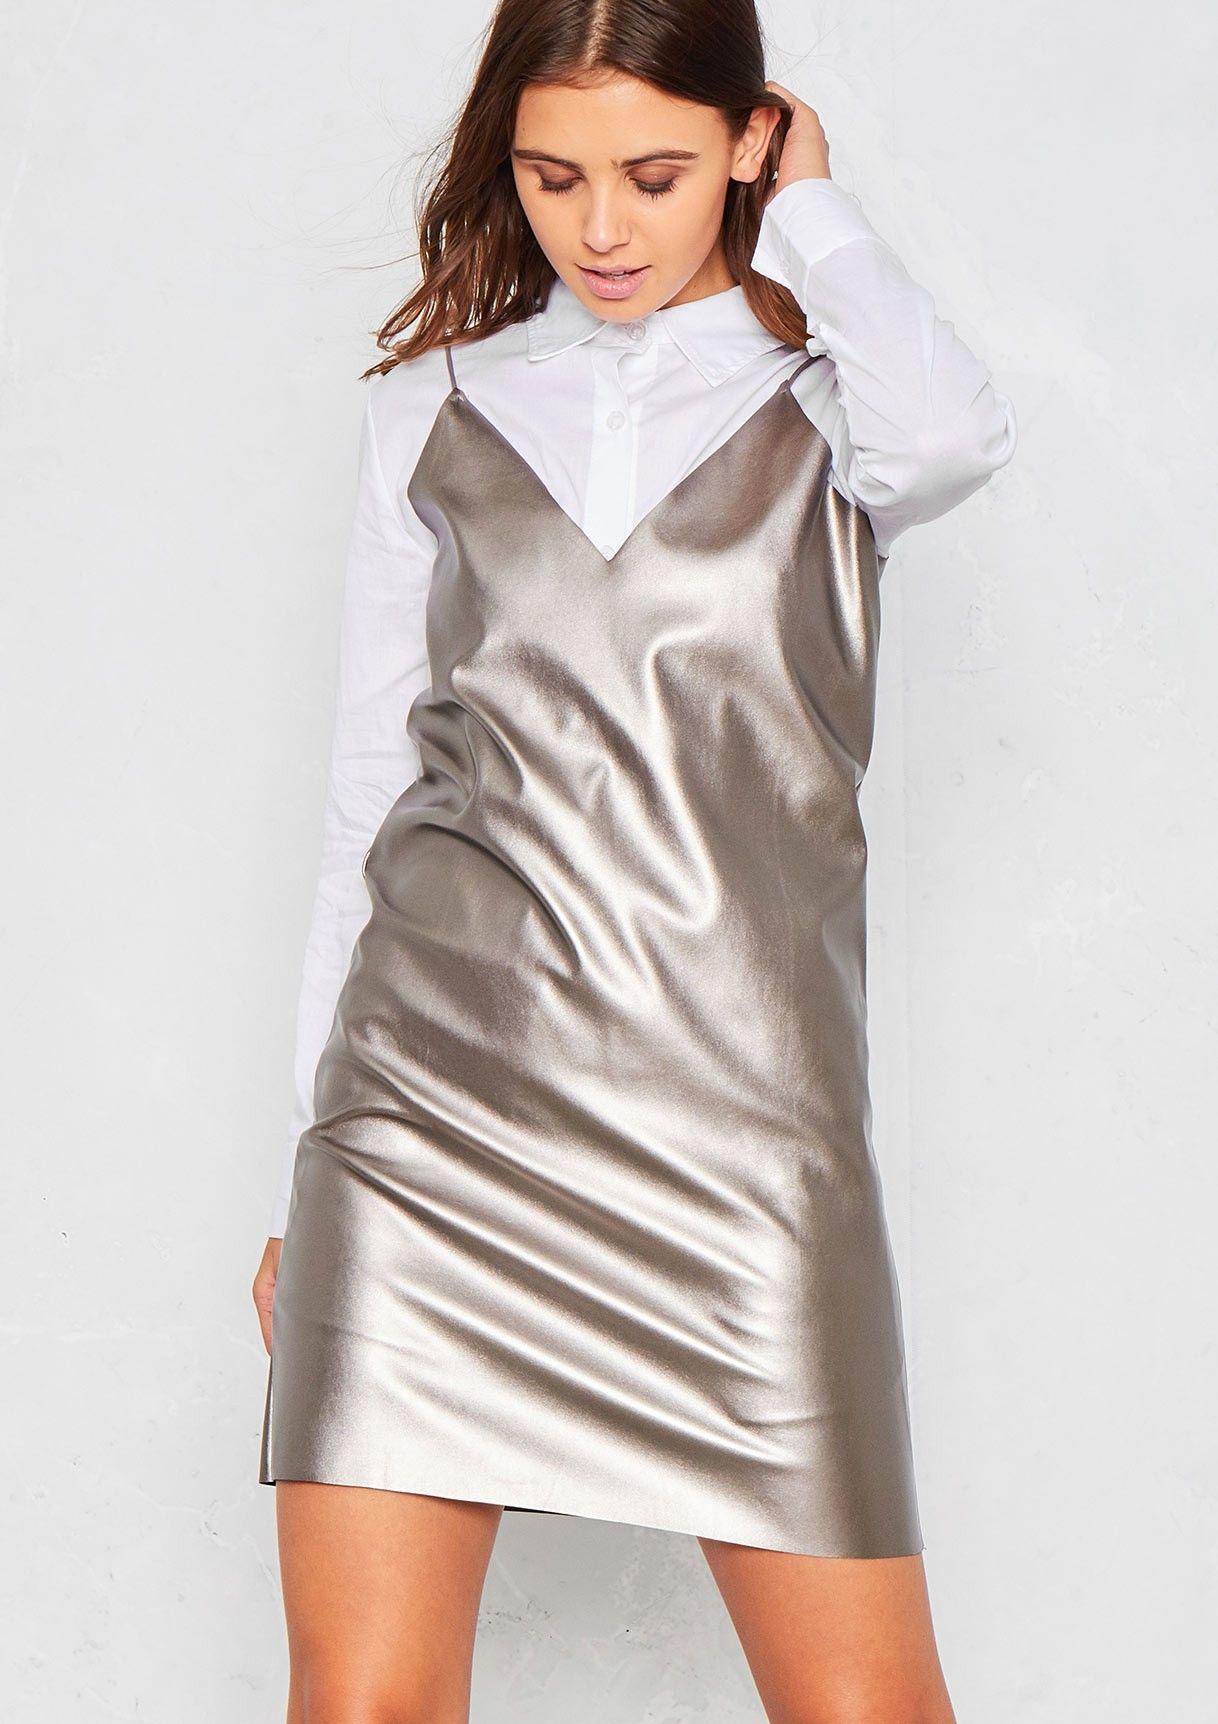 Kaira Silver Faux Leather Slip Dress